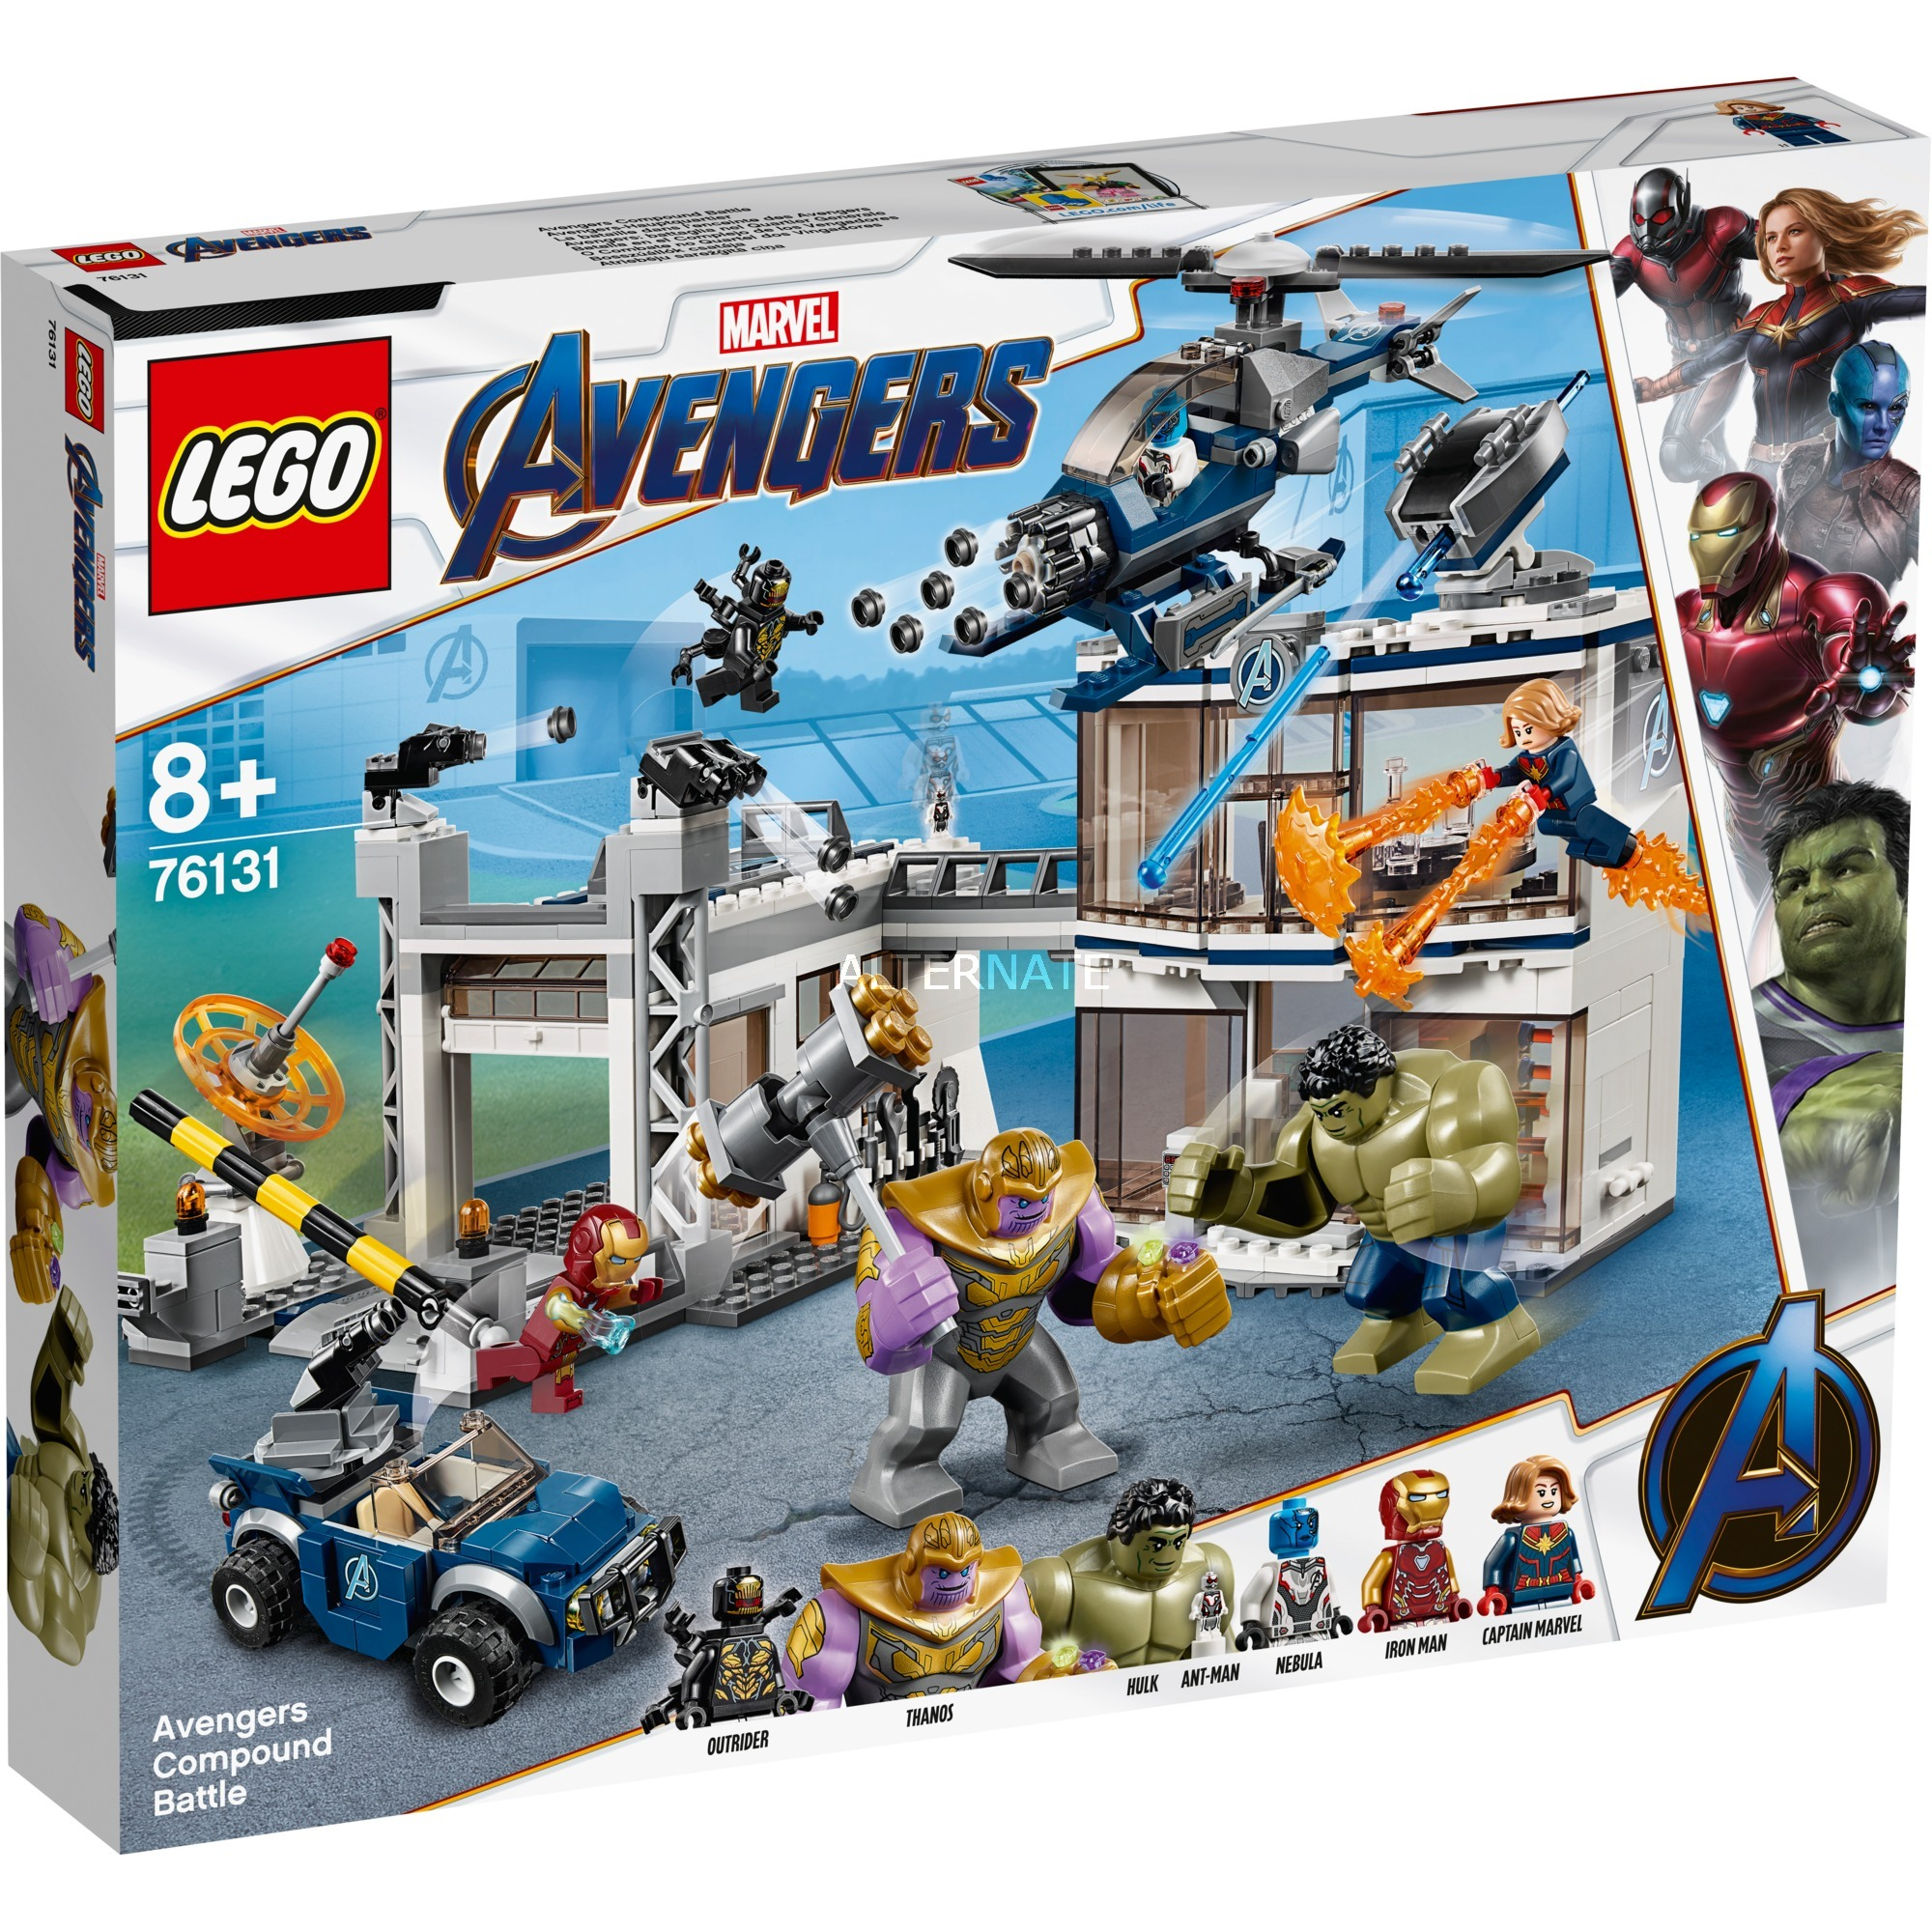 Le De Est Marvel Construction76131 Qg Pris Des Heroes Super D'assautJouets Avengers Nyw08nvmOP